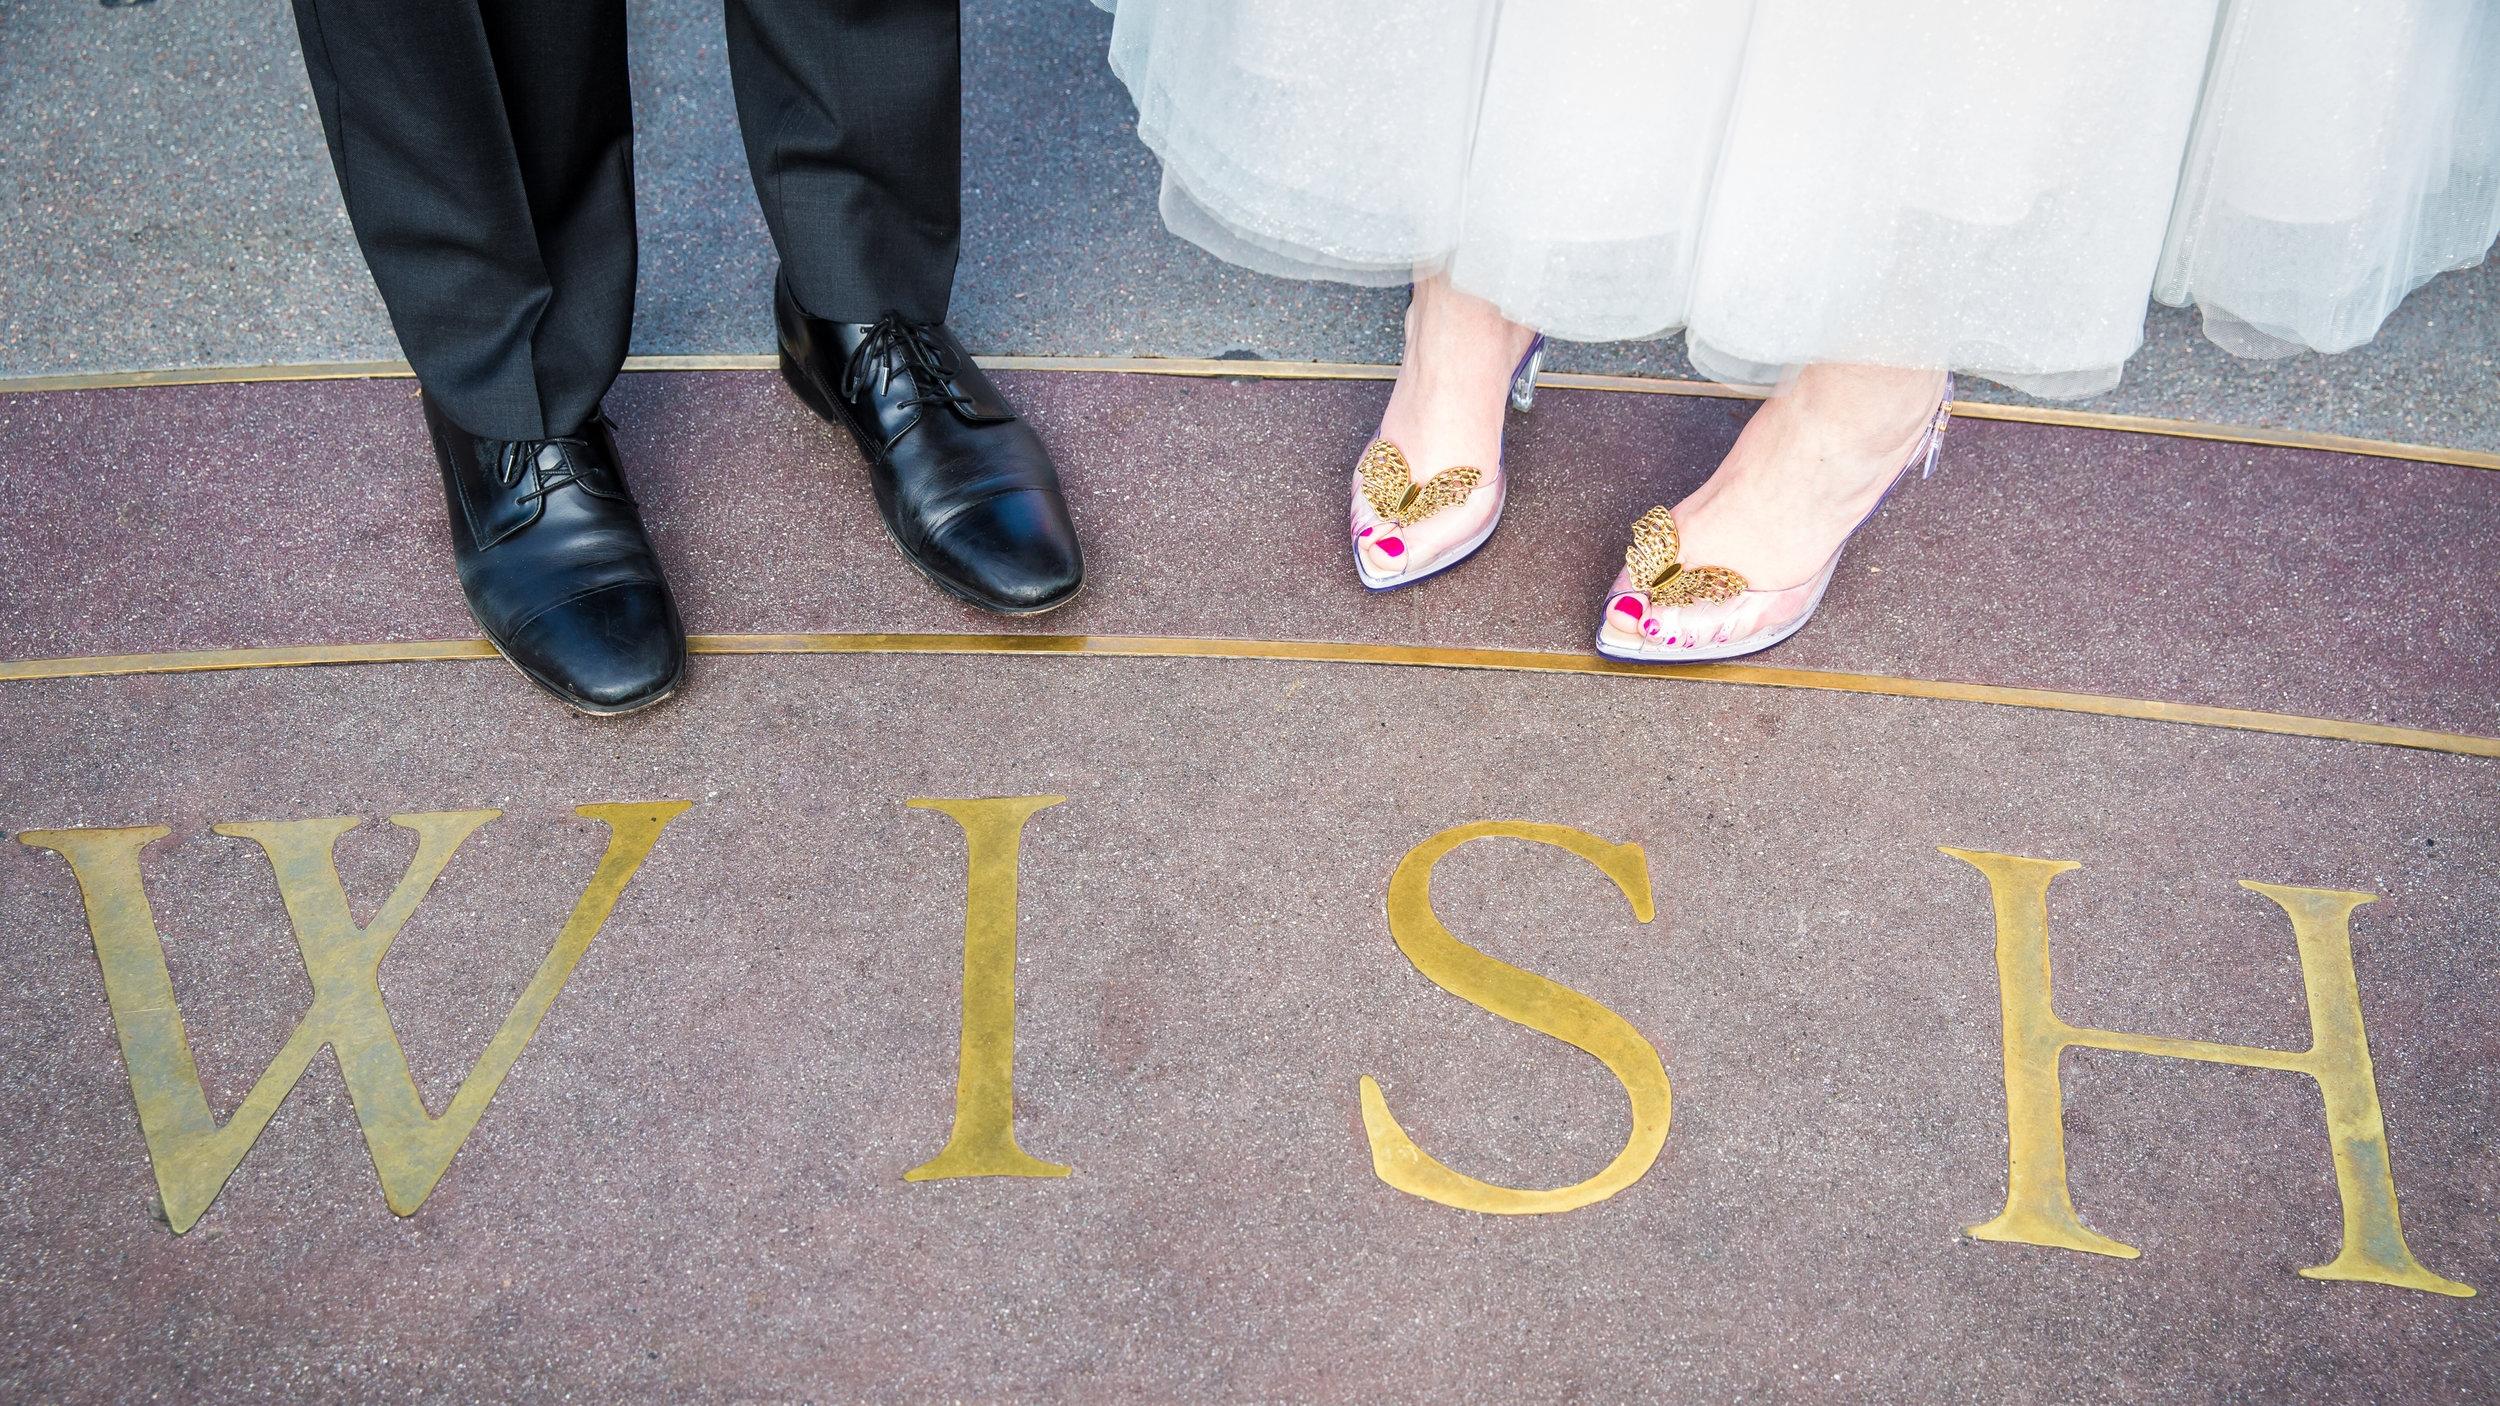 Disney_Dinks_Disneyland_Wish_Shoes.jpg